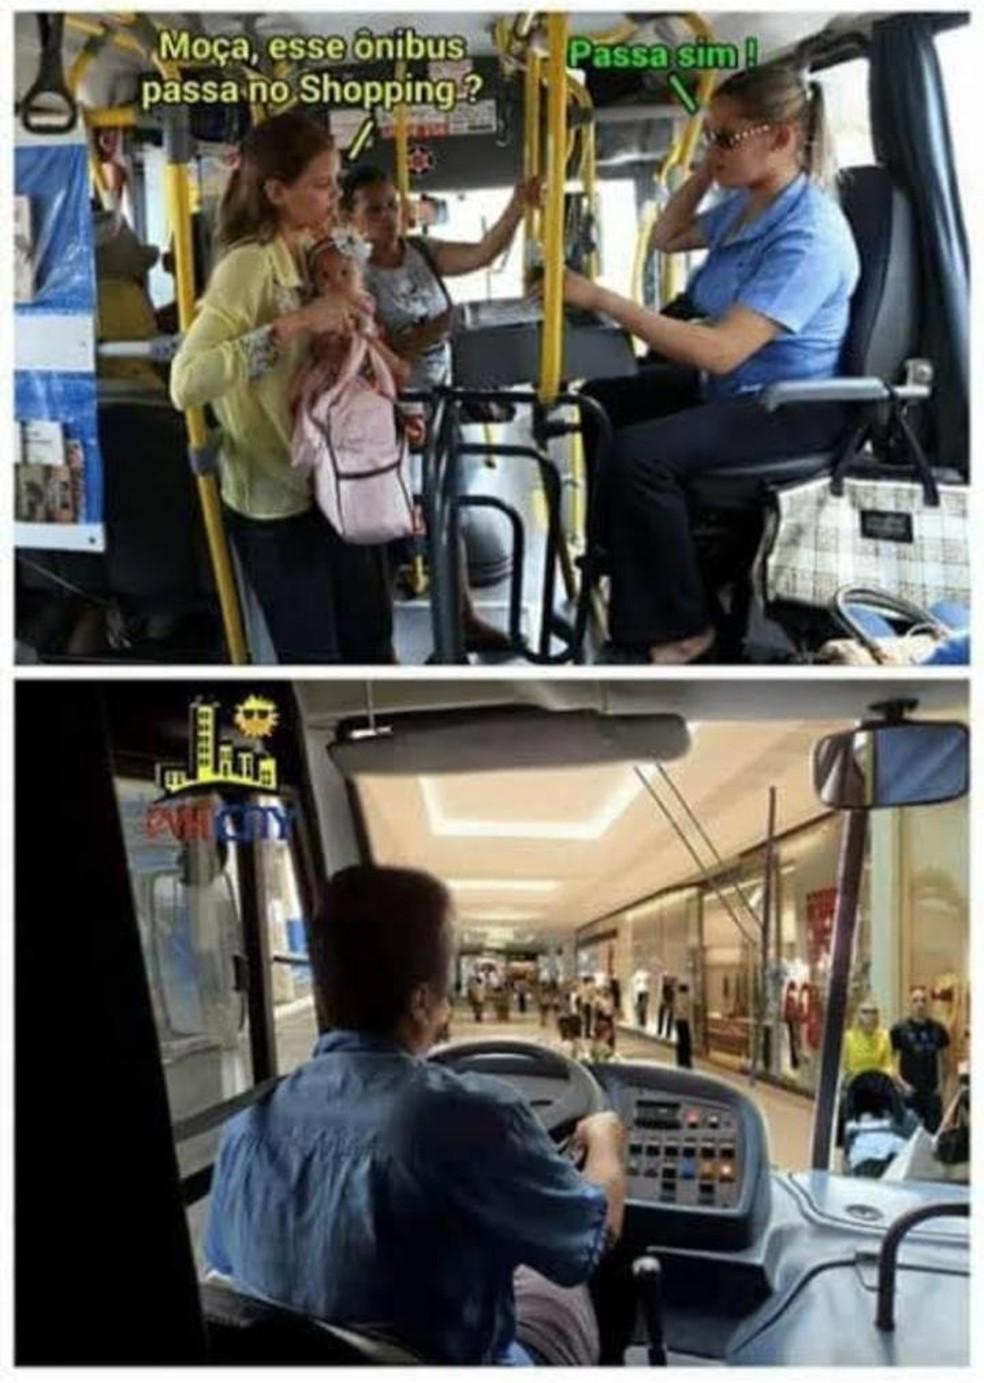 Internautas criaram memes sobre drive-thru no shopping de Botucatu — Foto: Arquivo pessoal